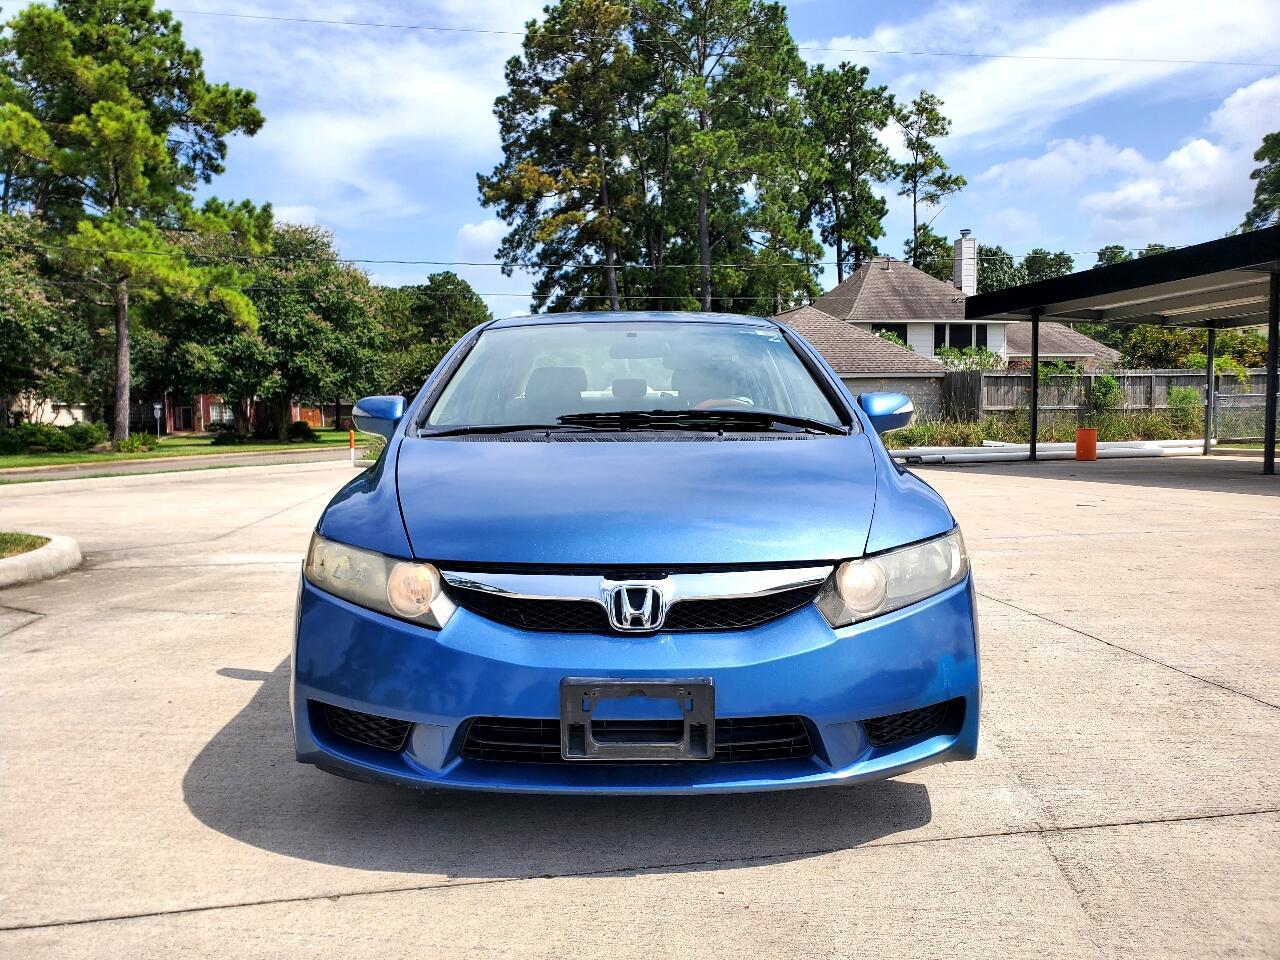 Honda Civic Hybrid 4dr Sdn 2009